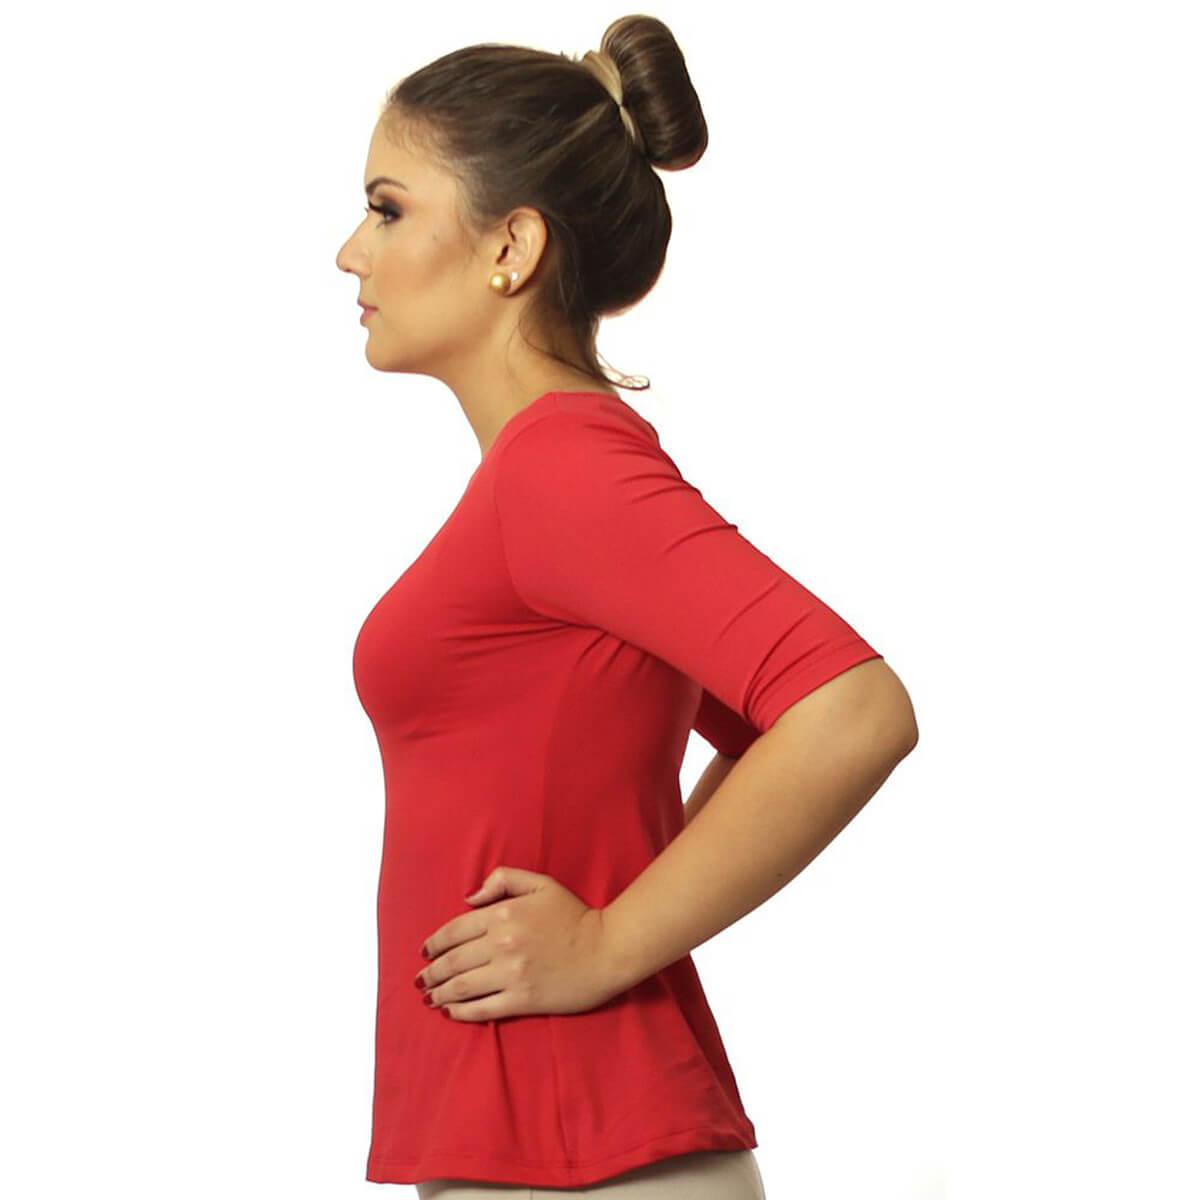 Blusa Feminina Meia Manga Vermelha com Proteção UVA UVB Decote Canoa Evasê